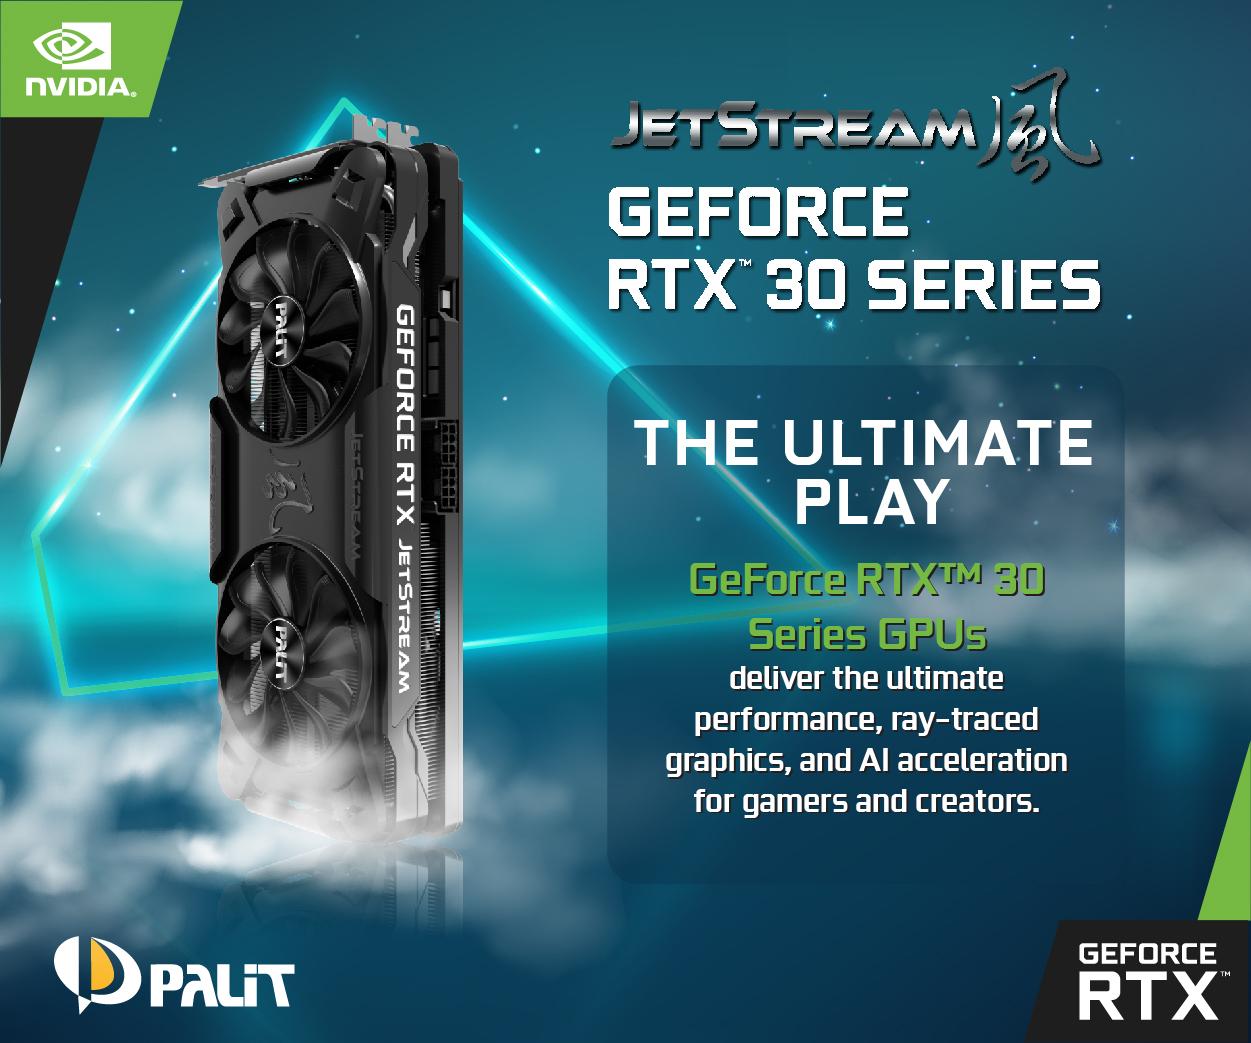 Palit RTX 3070